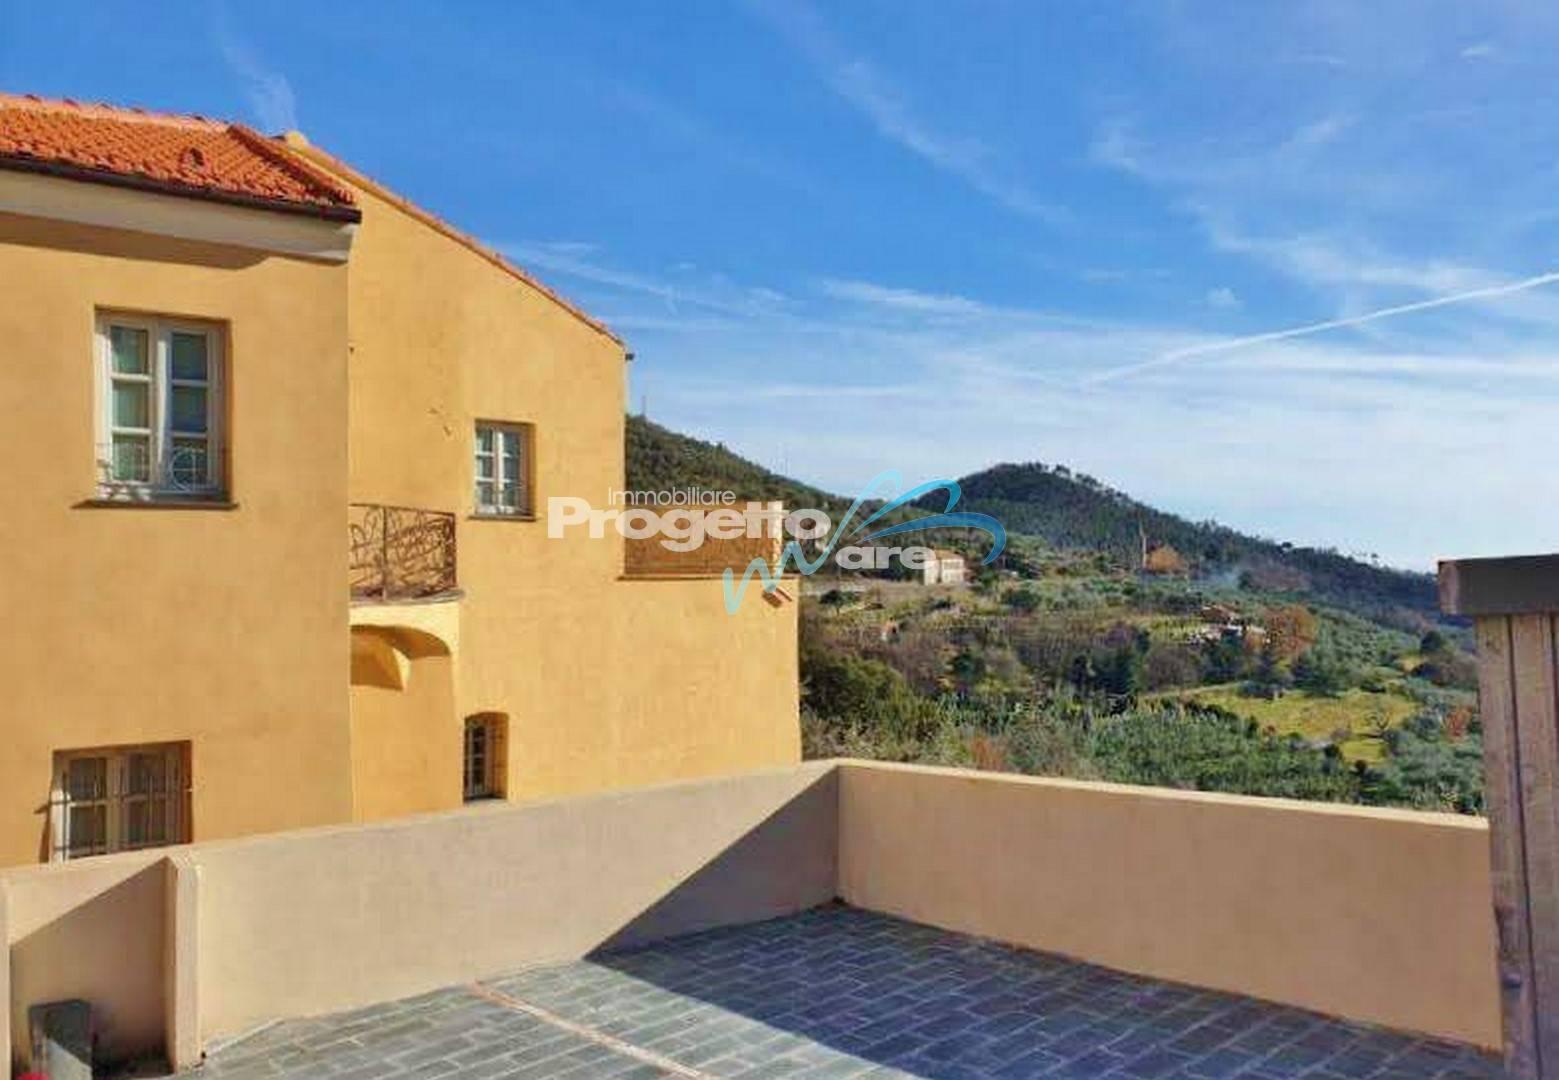 Appartamento in vendita a Pietra Ligure, 2 locali, zona Località: Entroterra, prezzo € 155.000   PortaleAgenzieImmobiliari.it